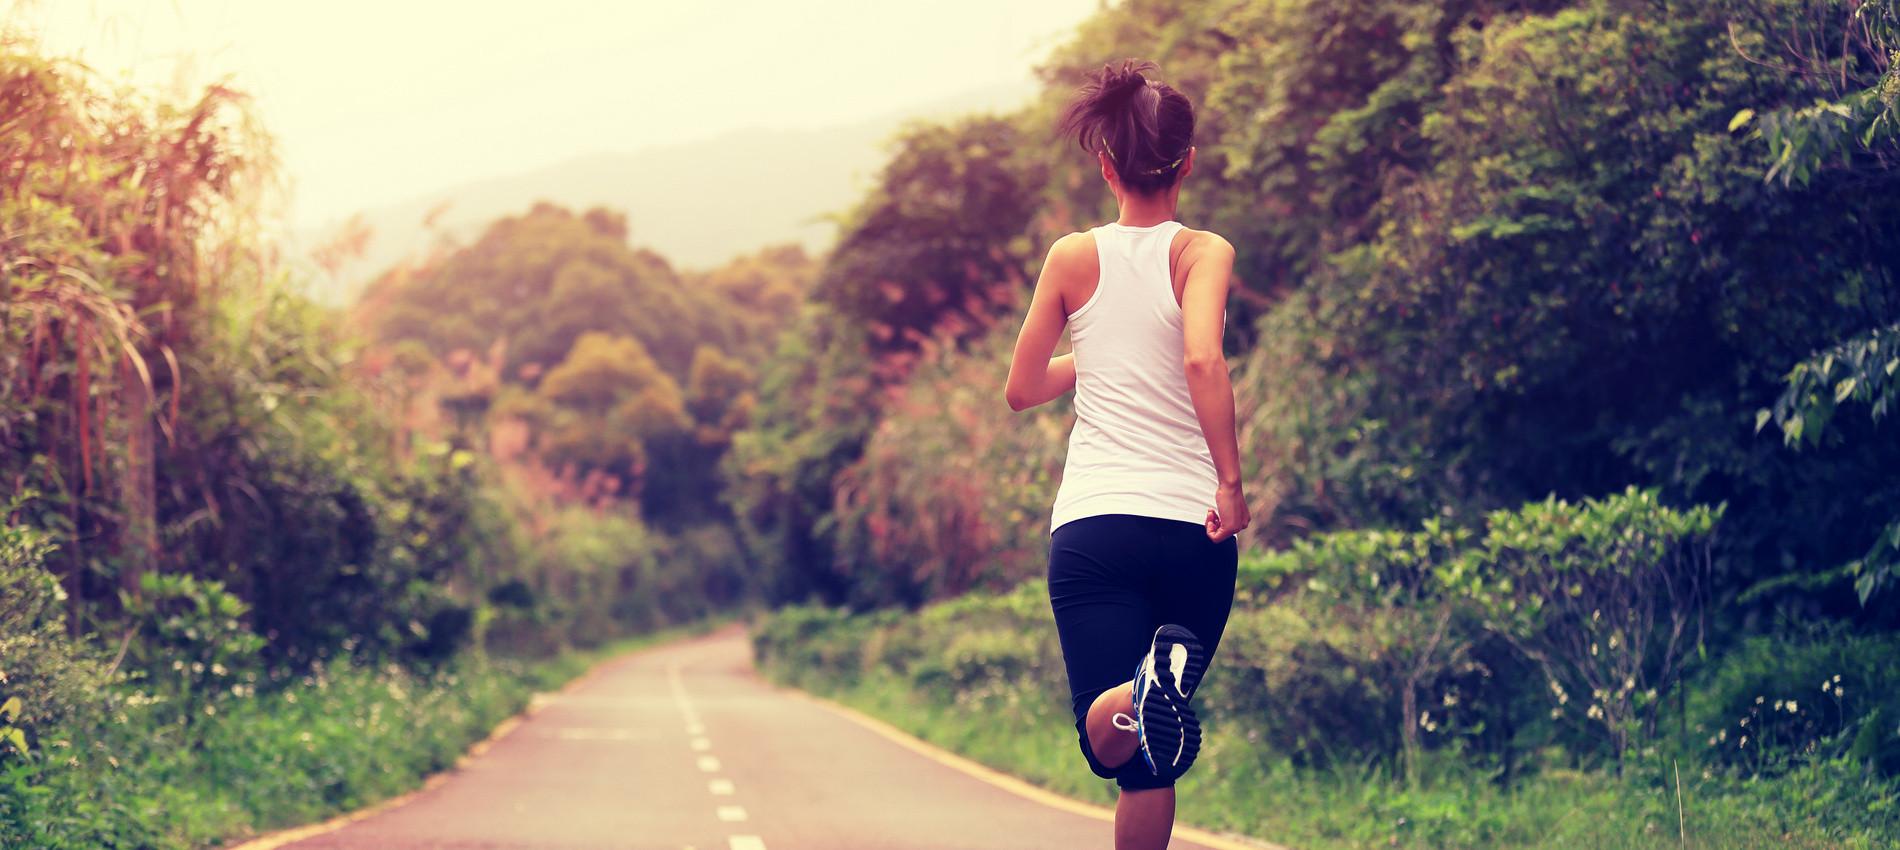 modul în care alergarea afectează vederea ochii și modul de îmbunătățire a vederii